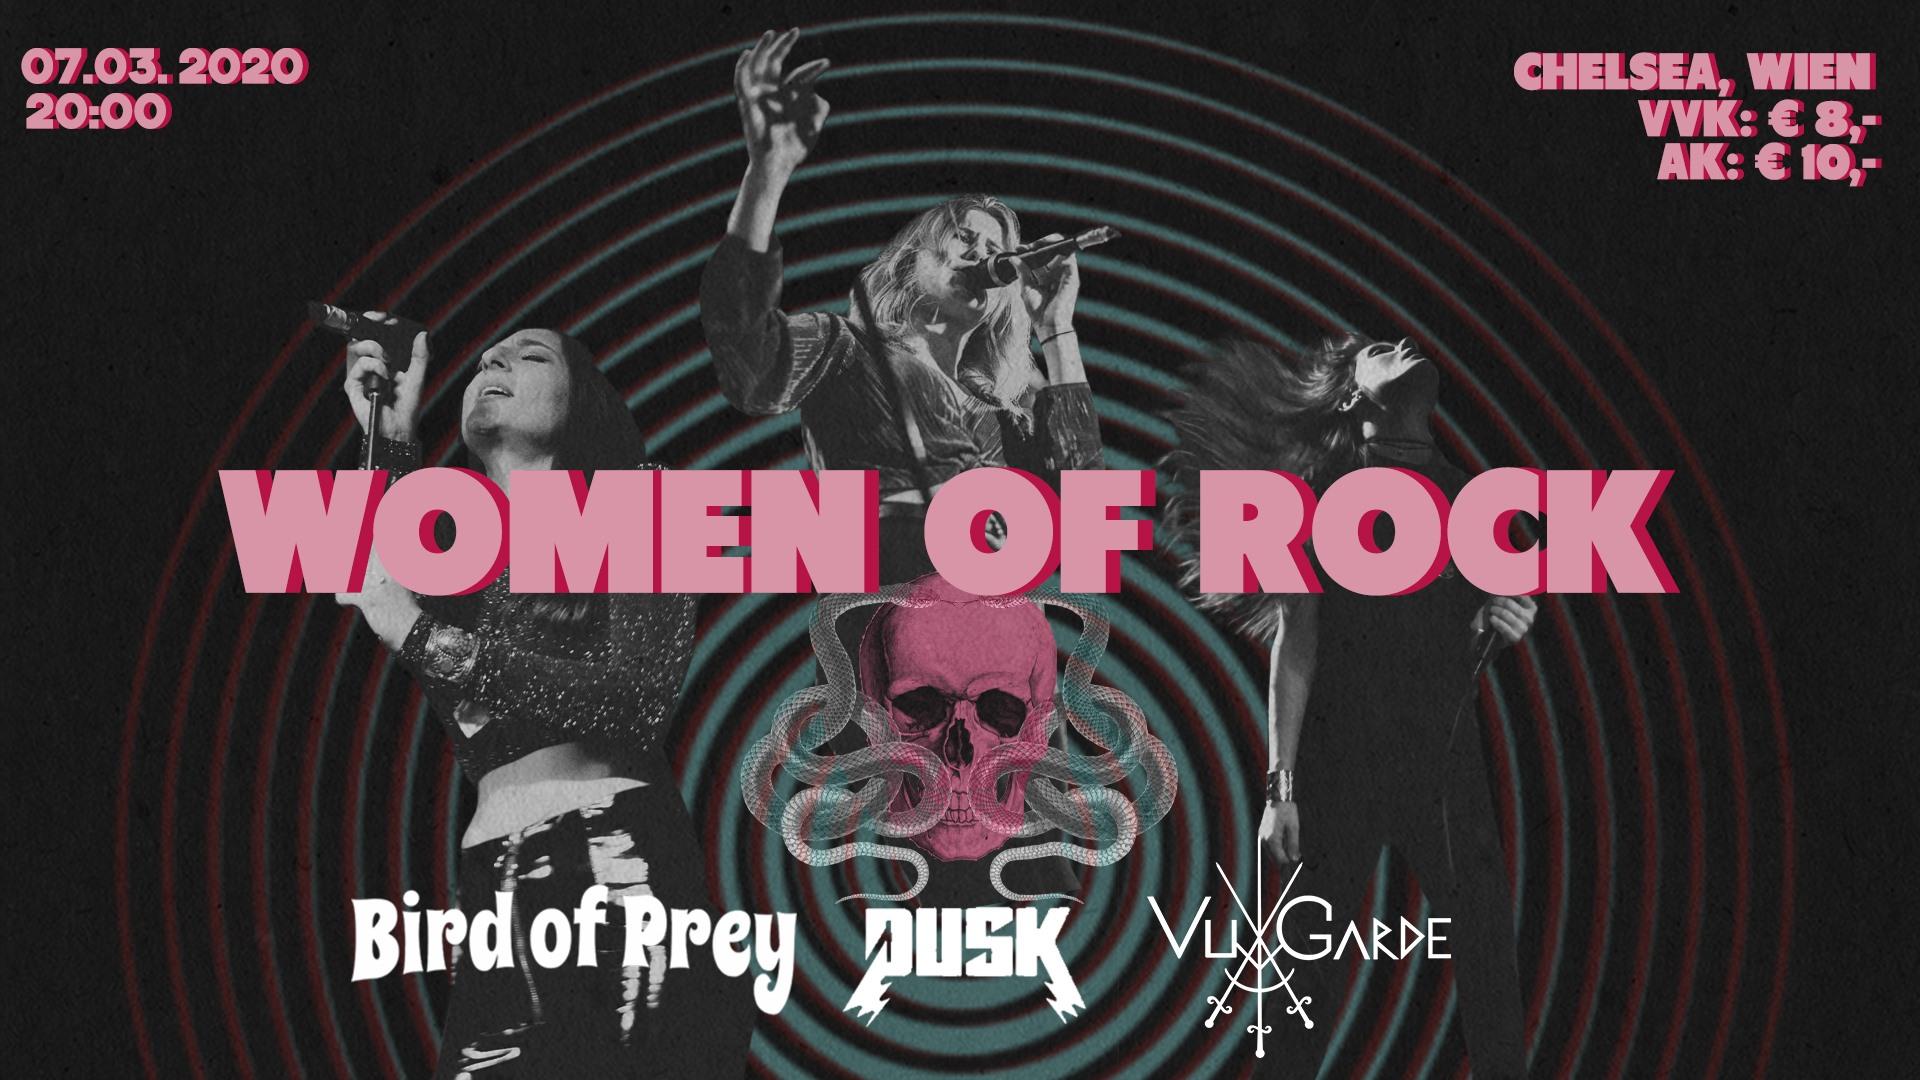 WOMEN OF ROCK am 7. March 2020 @ Chelsea.